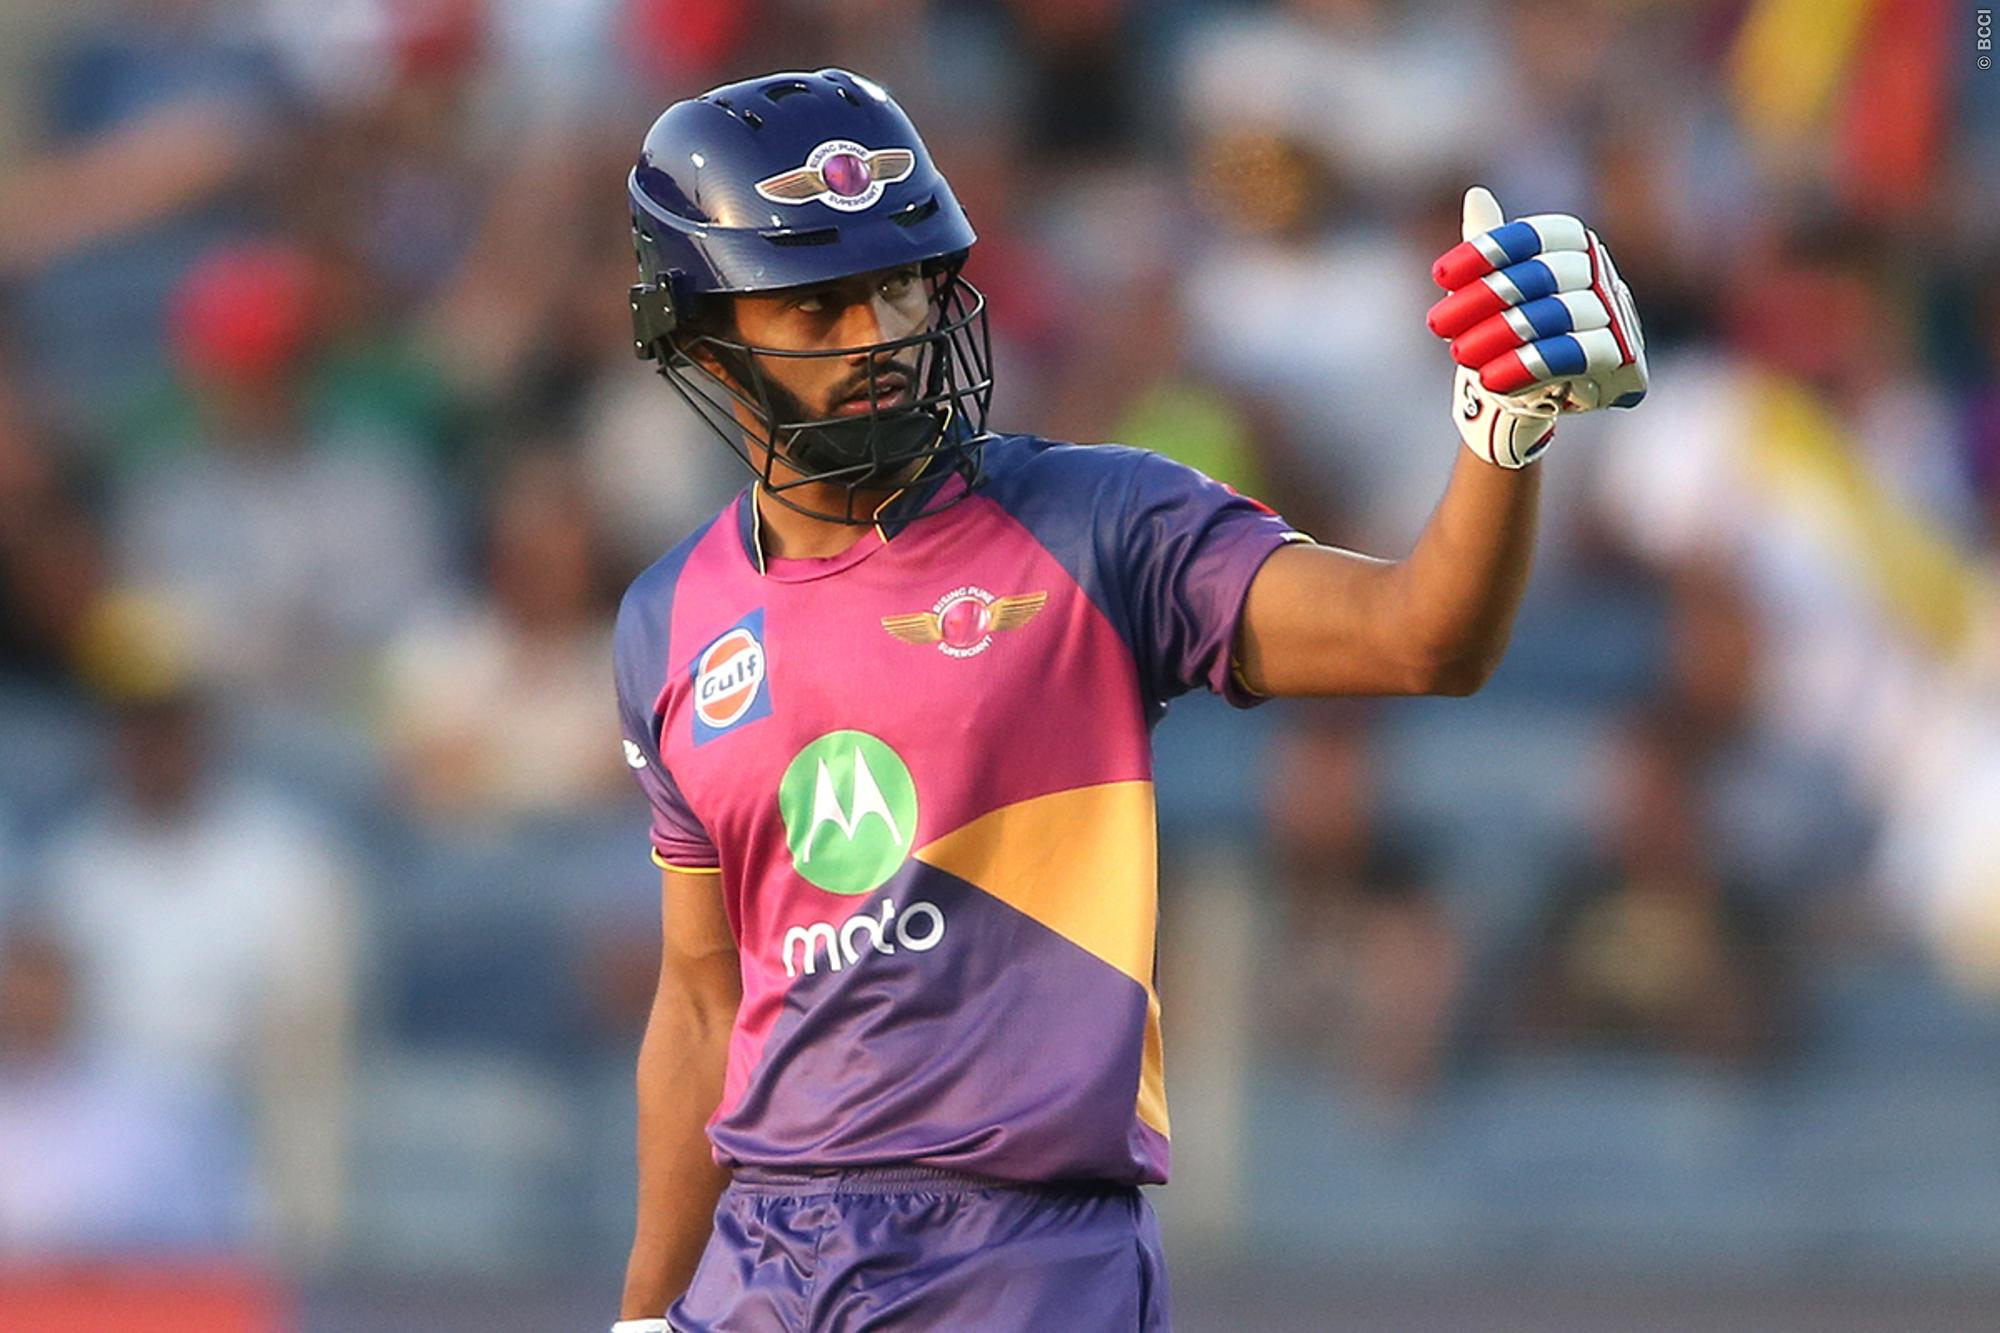 IPL 2018: आईपीएल के दसवें सीजन की सनसनी राहुल त्रिपाठी ने खोला राज, इस वजह से वो कर पाते हैं बल्लेबाजी 11